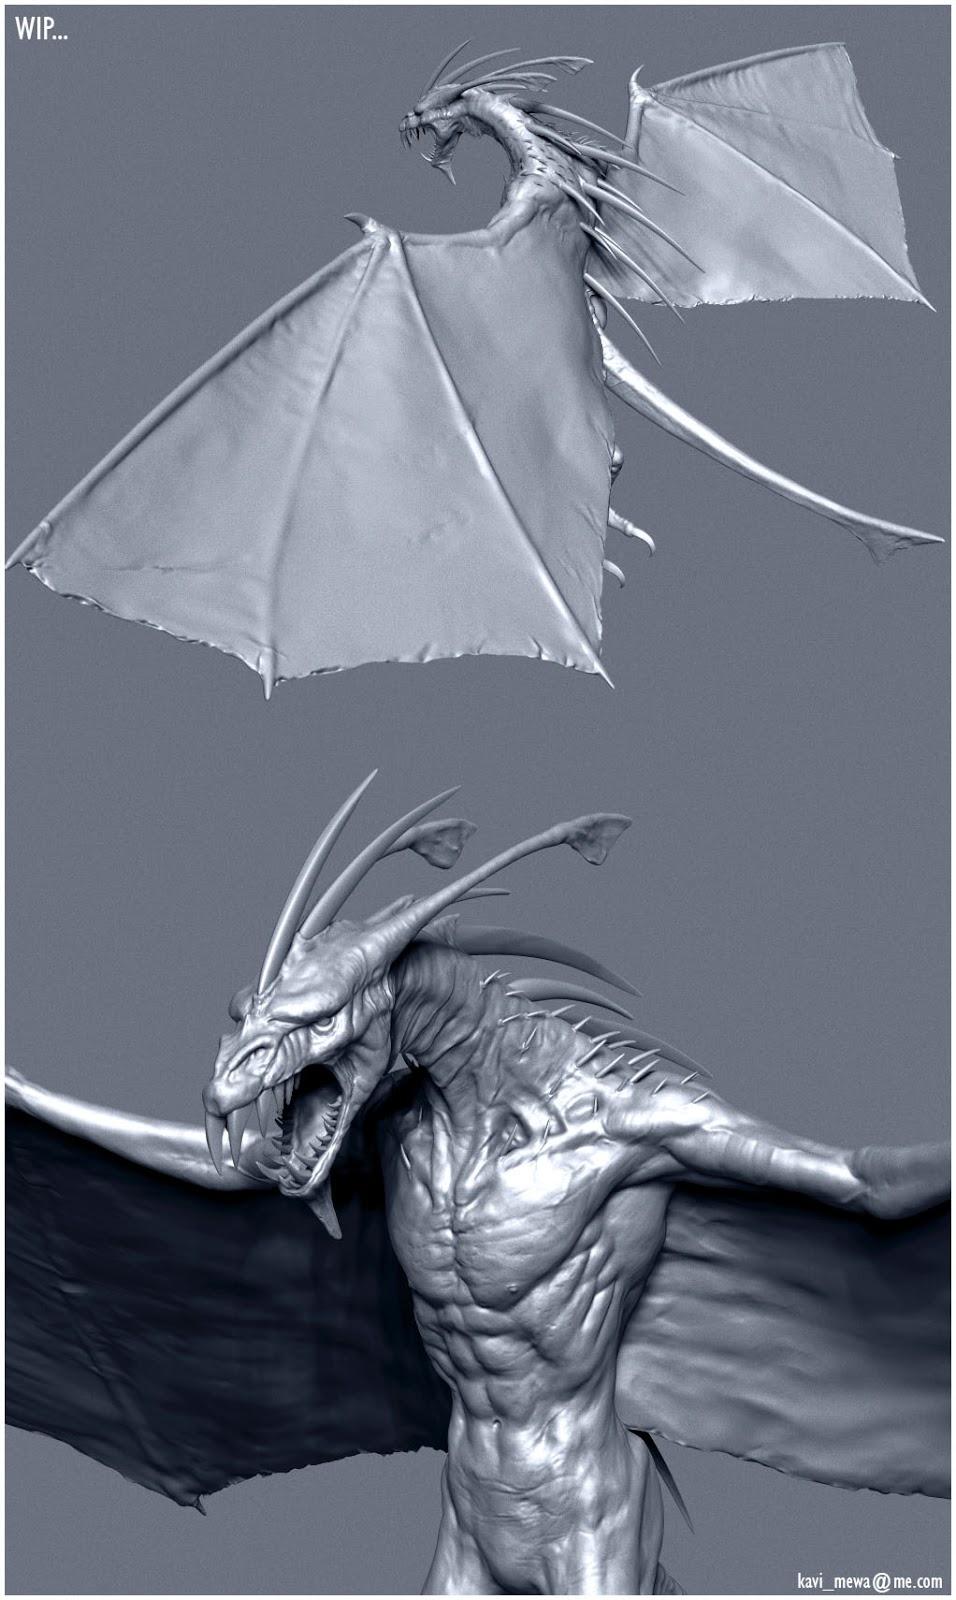 FlyingCreatureWIP03.jpg